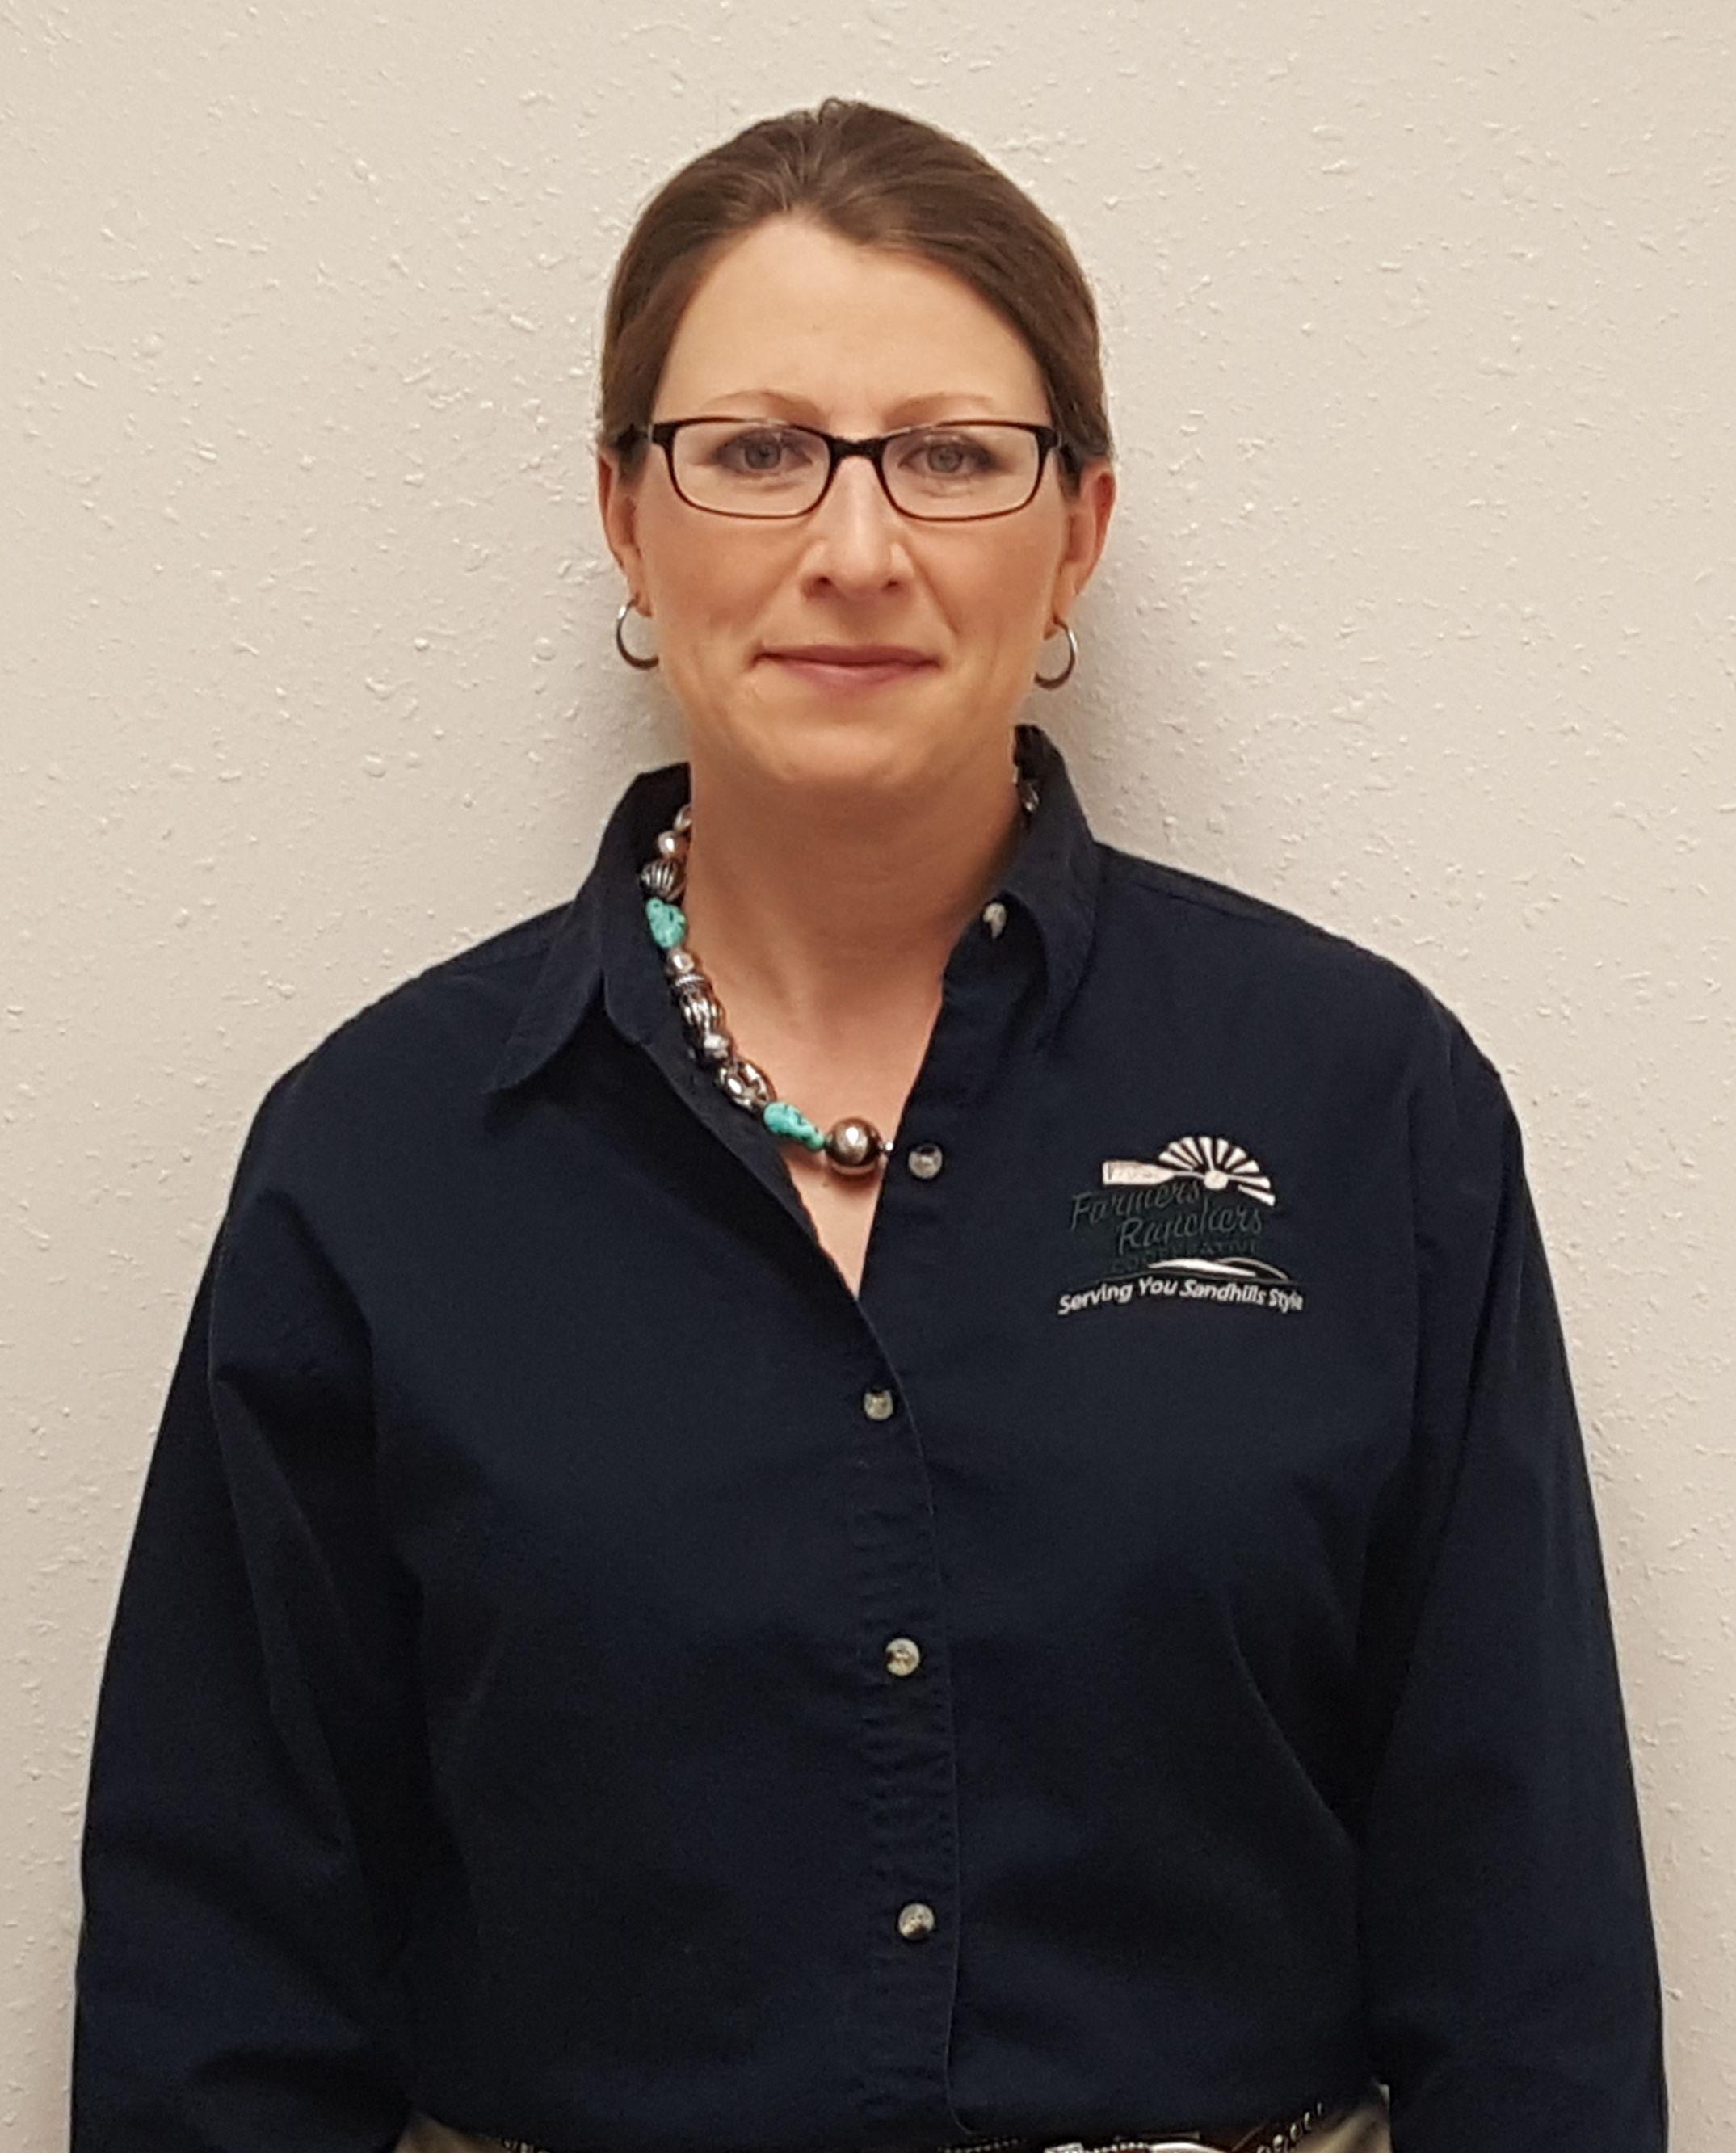 Julie Rau Ruhter - Associate Director